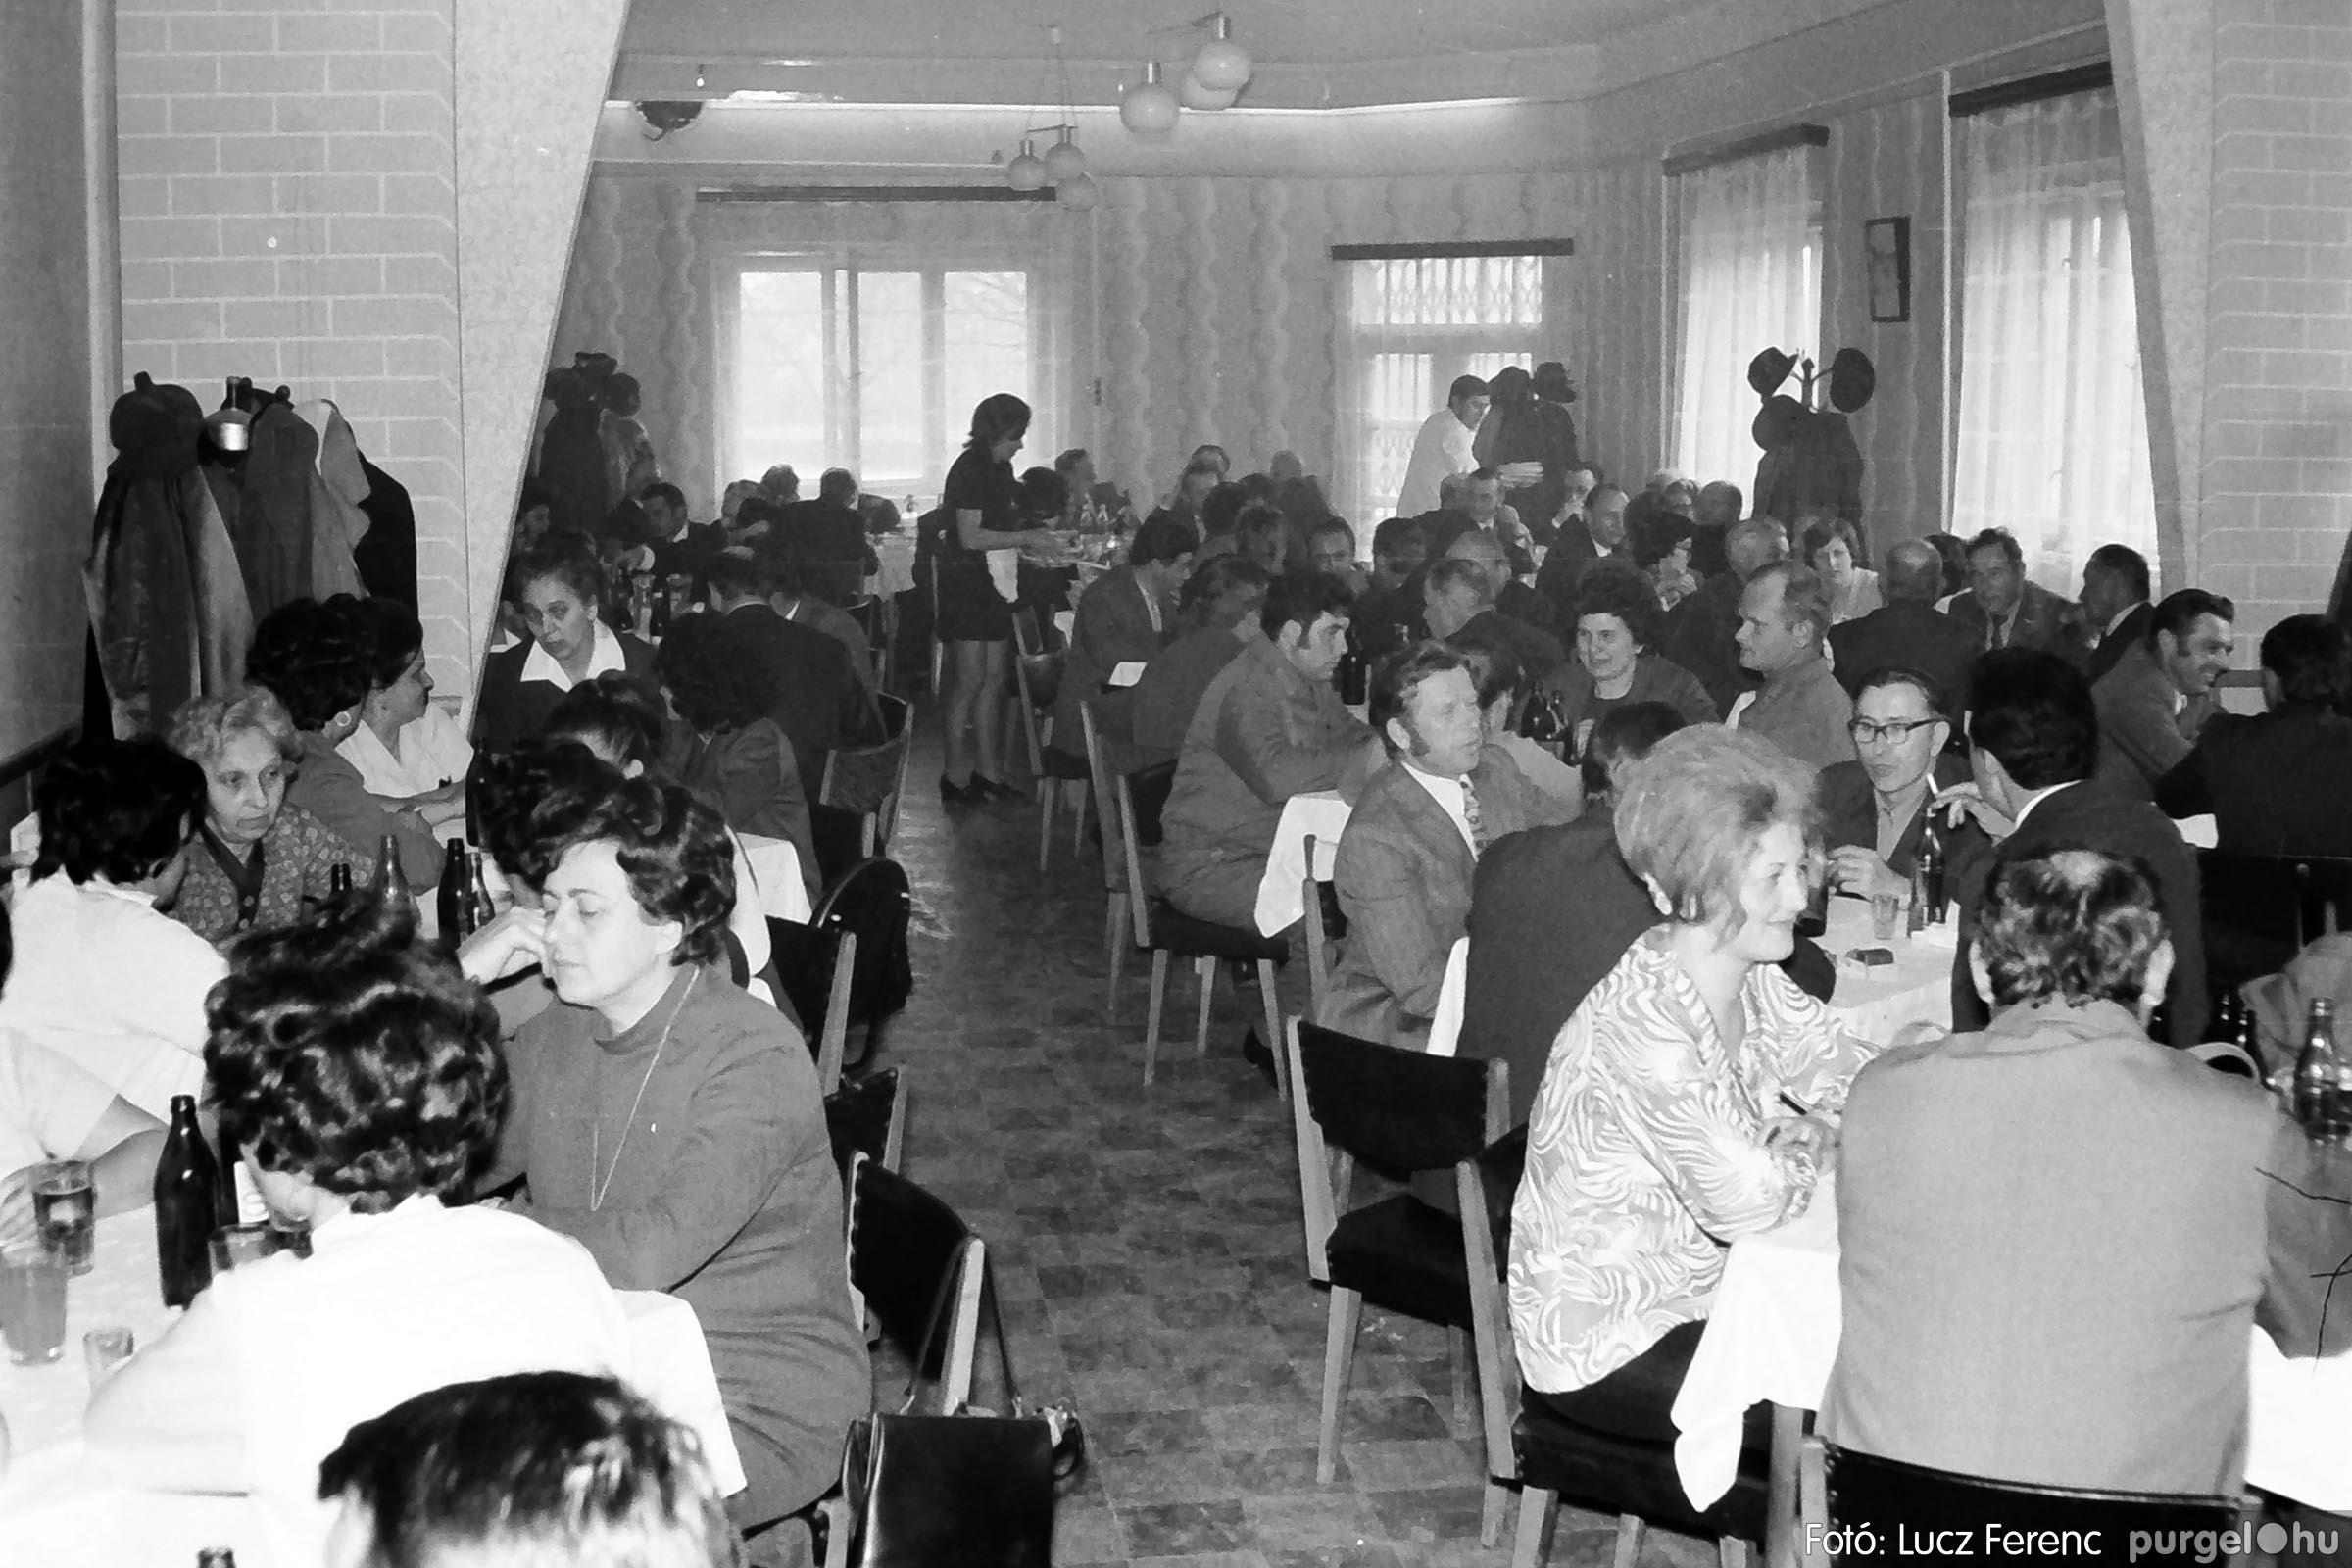 009 1975.04.04. Április 4-i ünnepség utáni fogadás a vendéglőben 002 - Fotó: Lucz Ferenc IMG00173q.jpg